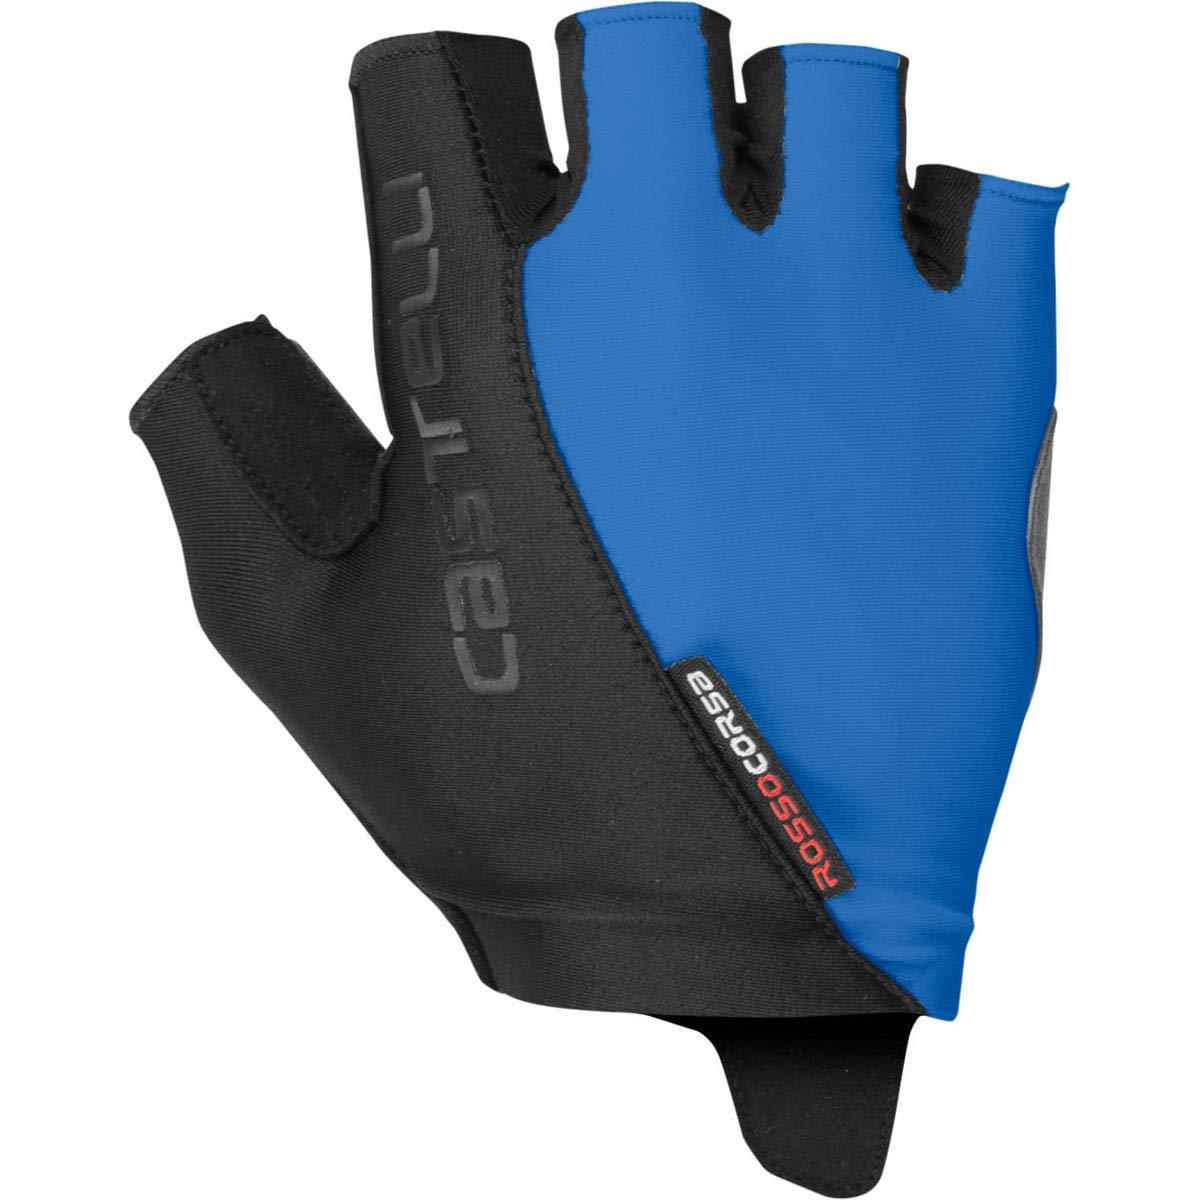 Castelli Rosso Corsa W Glove Size M